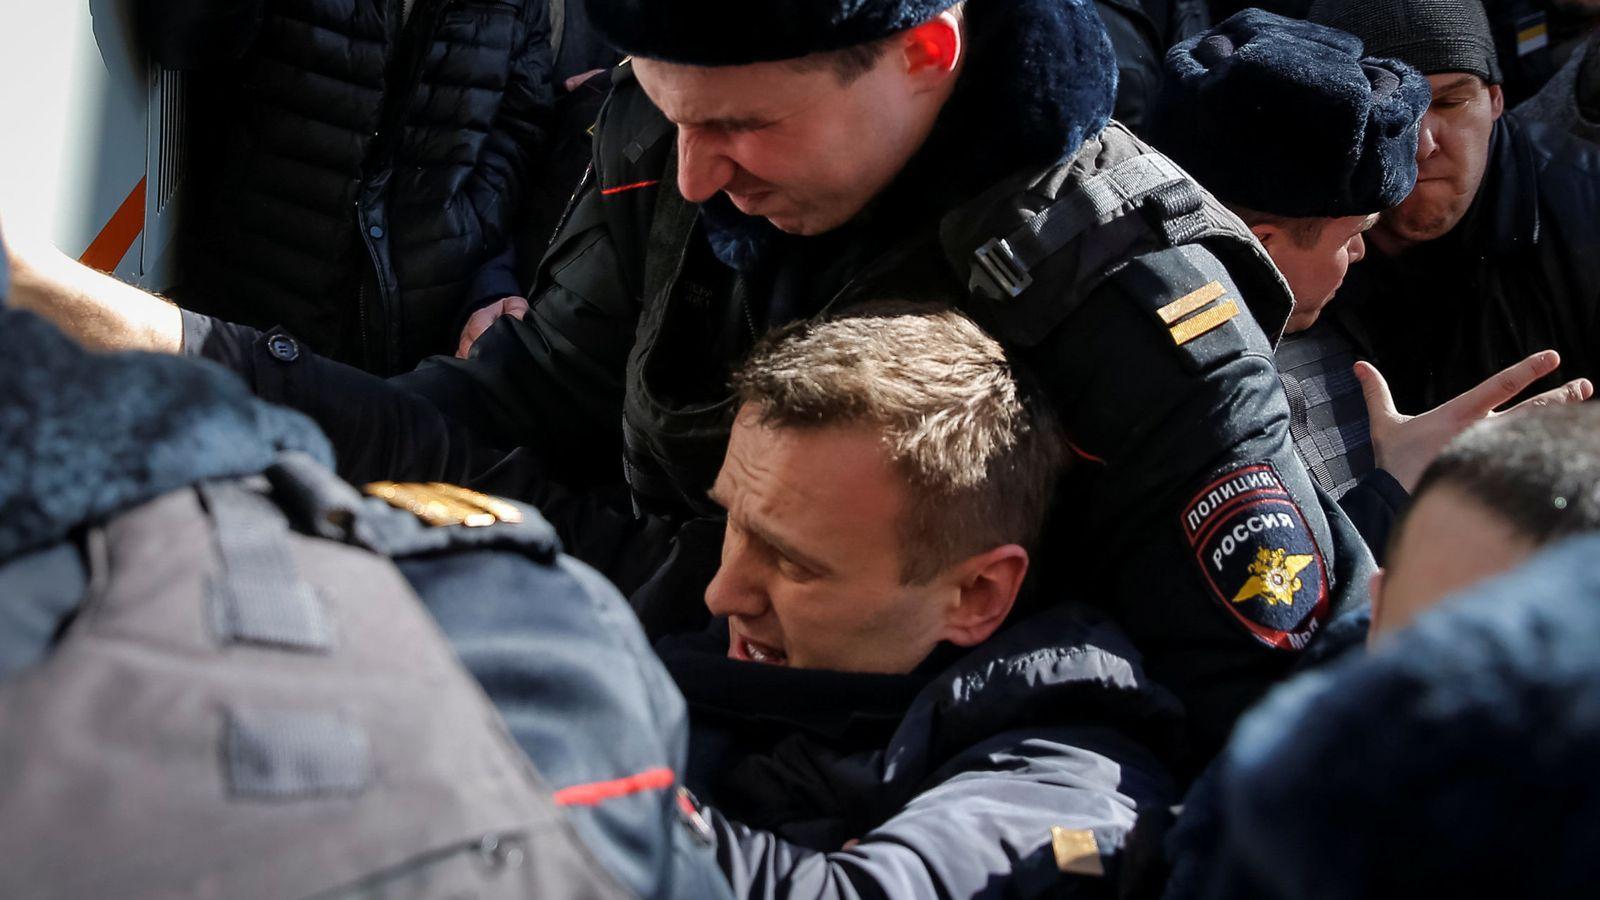 Foto: Un policía arresta a Alexei Navalni, en Moscú. (Reuters)